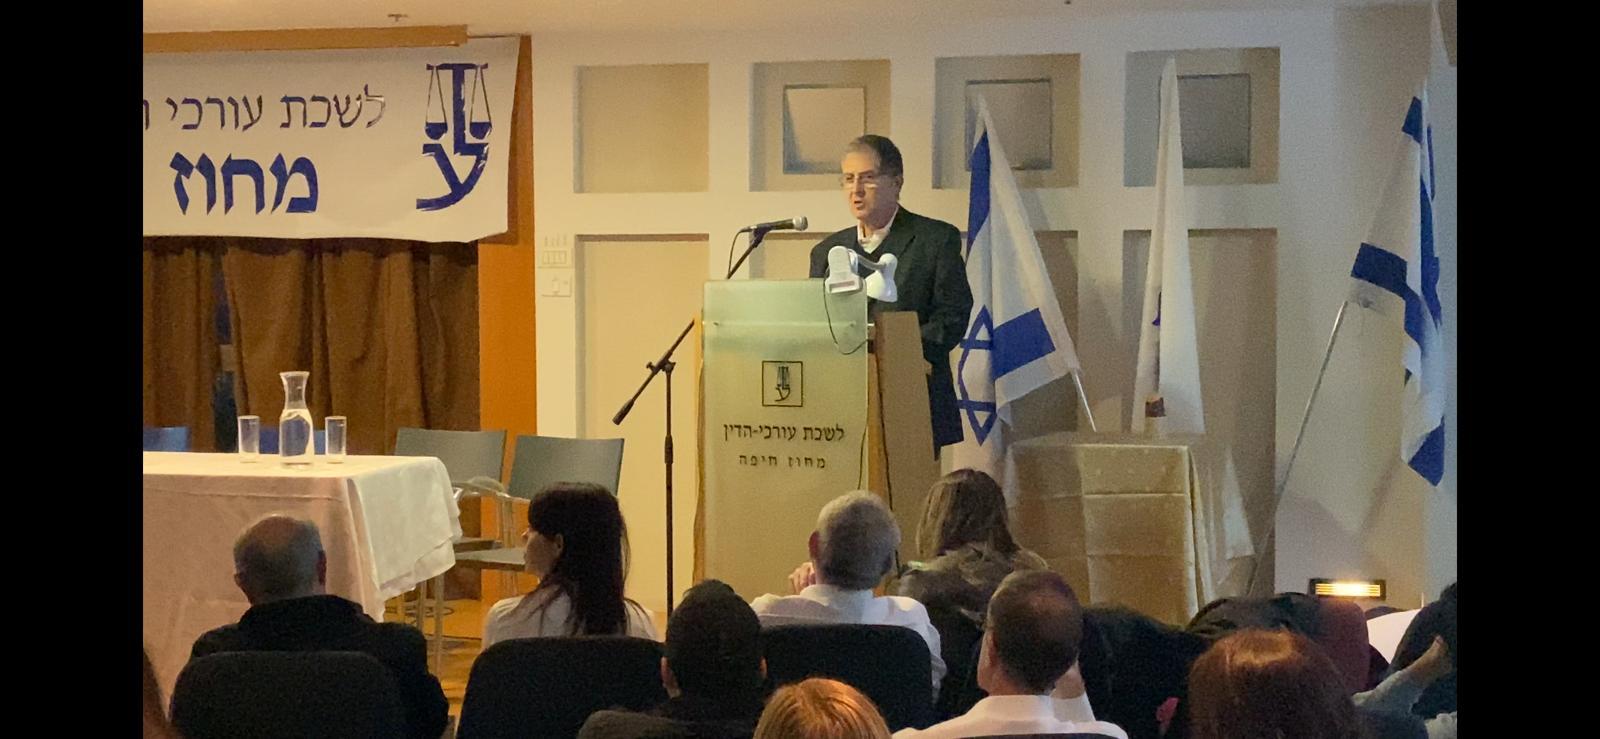 נשיא בית המשפט המחוזי בחיפה רון שפירא. צילום דוברות לשכת עורכי הדין חיפה